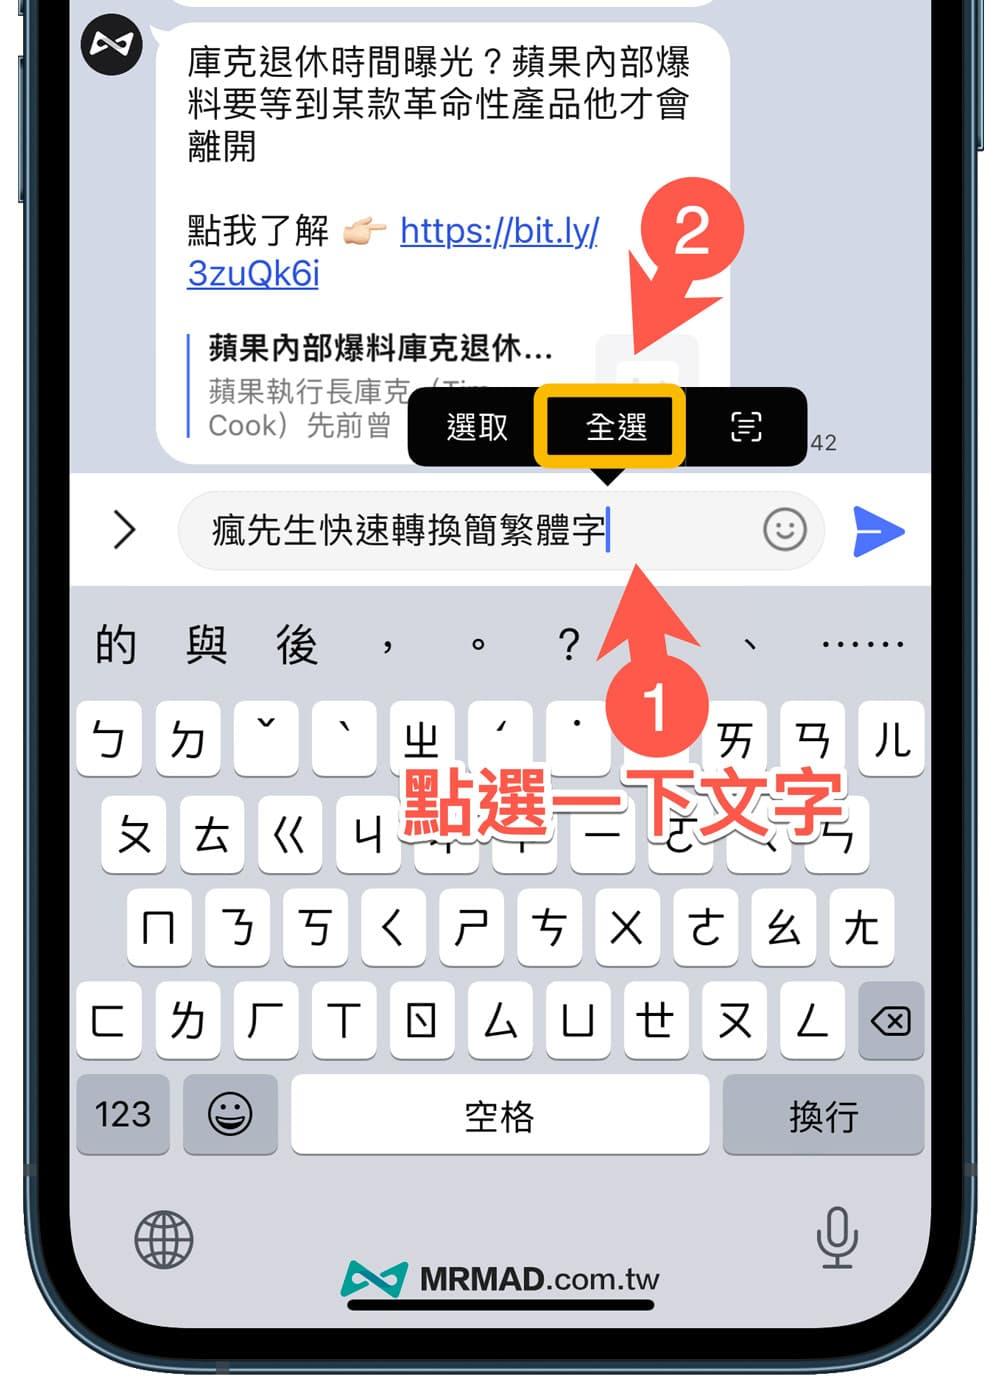 iPhone繁體轉簡體設定教學